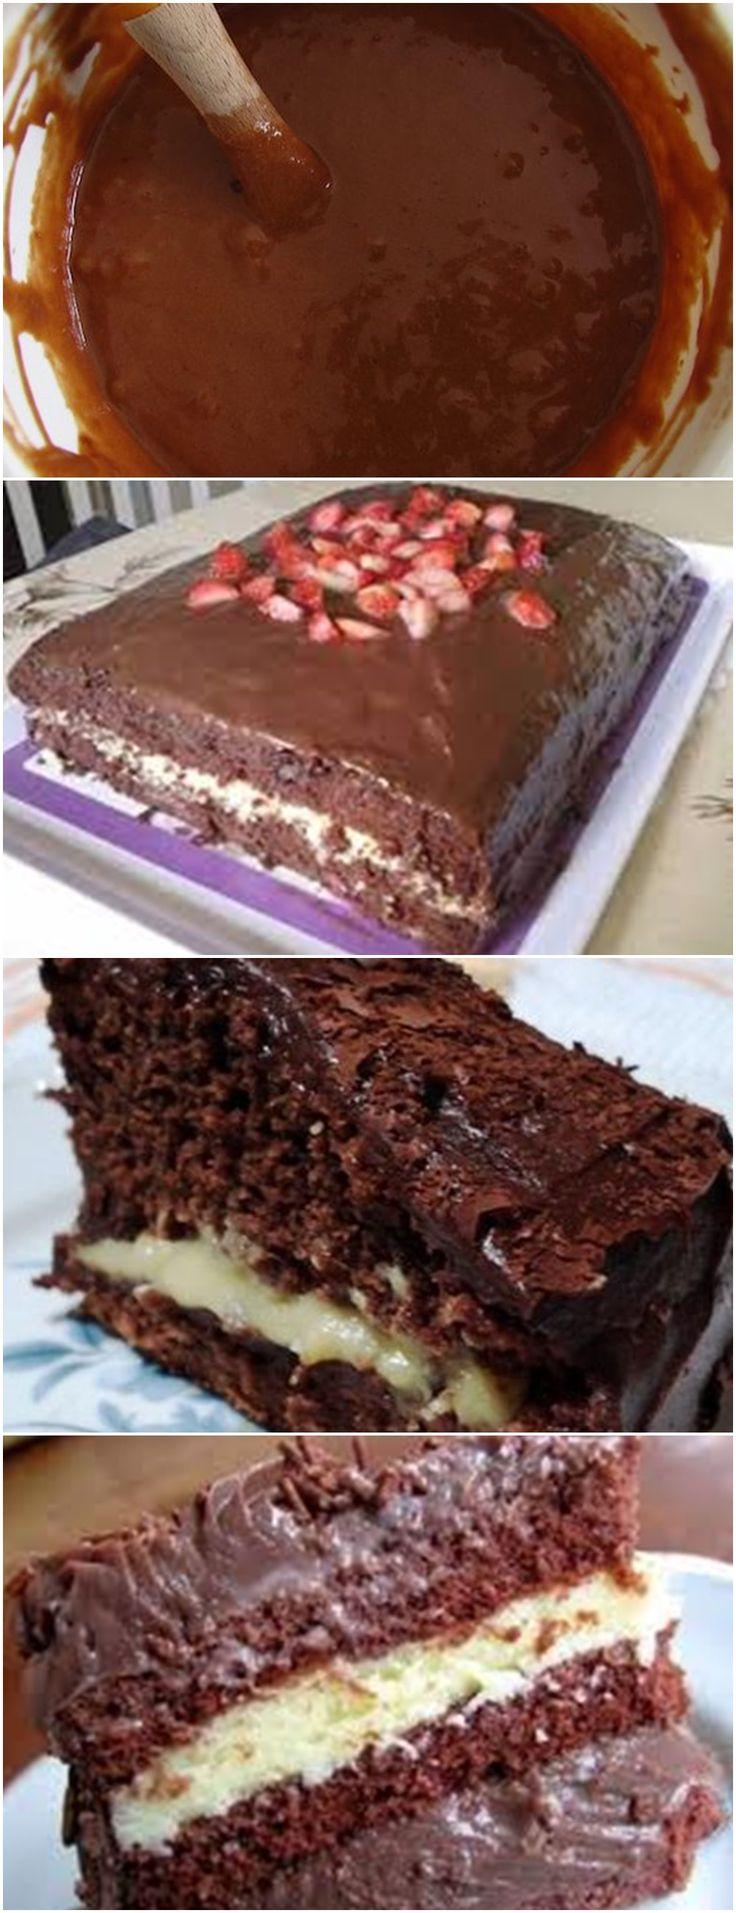 GENTE ESSE BOLO DELICIA É REALMENTE UMA DELICIA…FAÇA SUA FAMÍLIA AGRADECE!! VEJA AQUI>>>Bata na batedeira ou à mão as claras, até ficar homogêneo Misture aos poucos as gemas, os bolos e o leite #receita#bolo#torta#doce#sobremesa#aniversario#pudim#mousse#pave#Cheesecake#chocolate#confeitaria